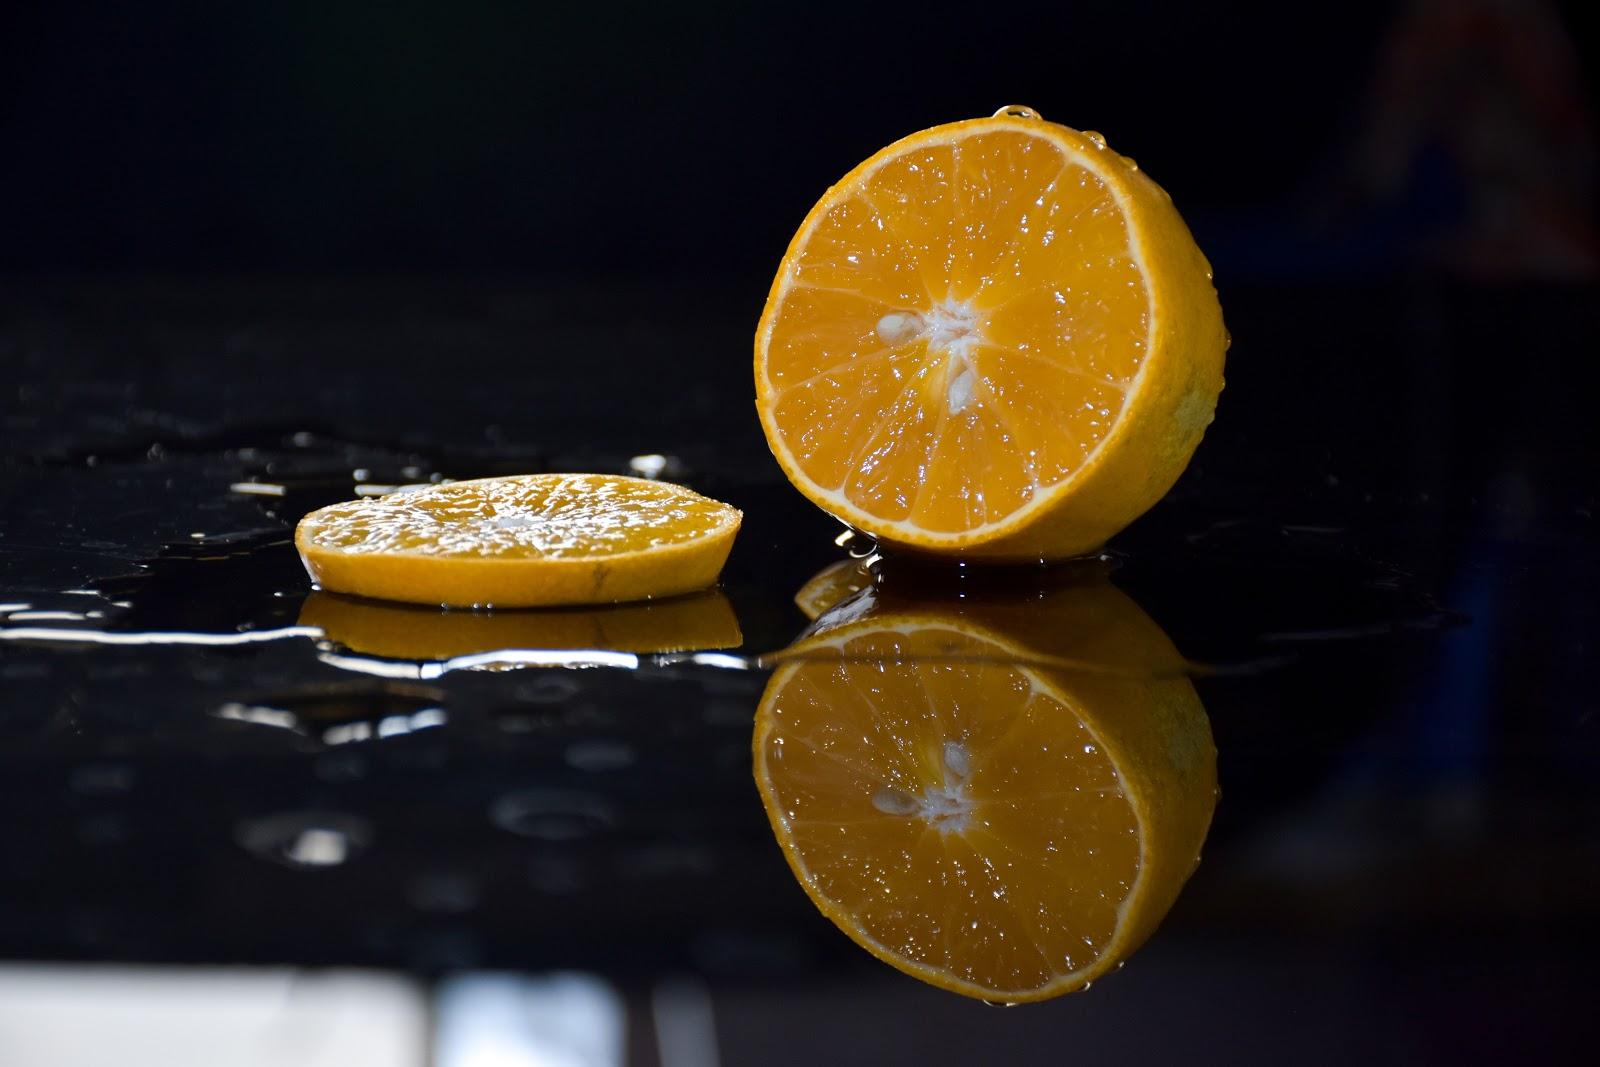 לימון פרוש על טיפות מים